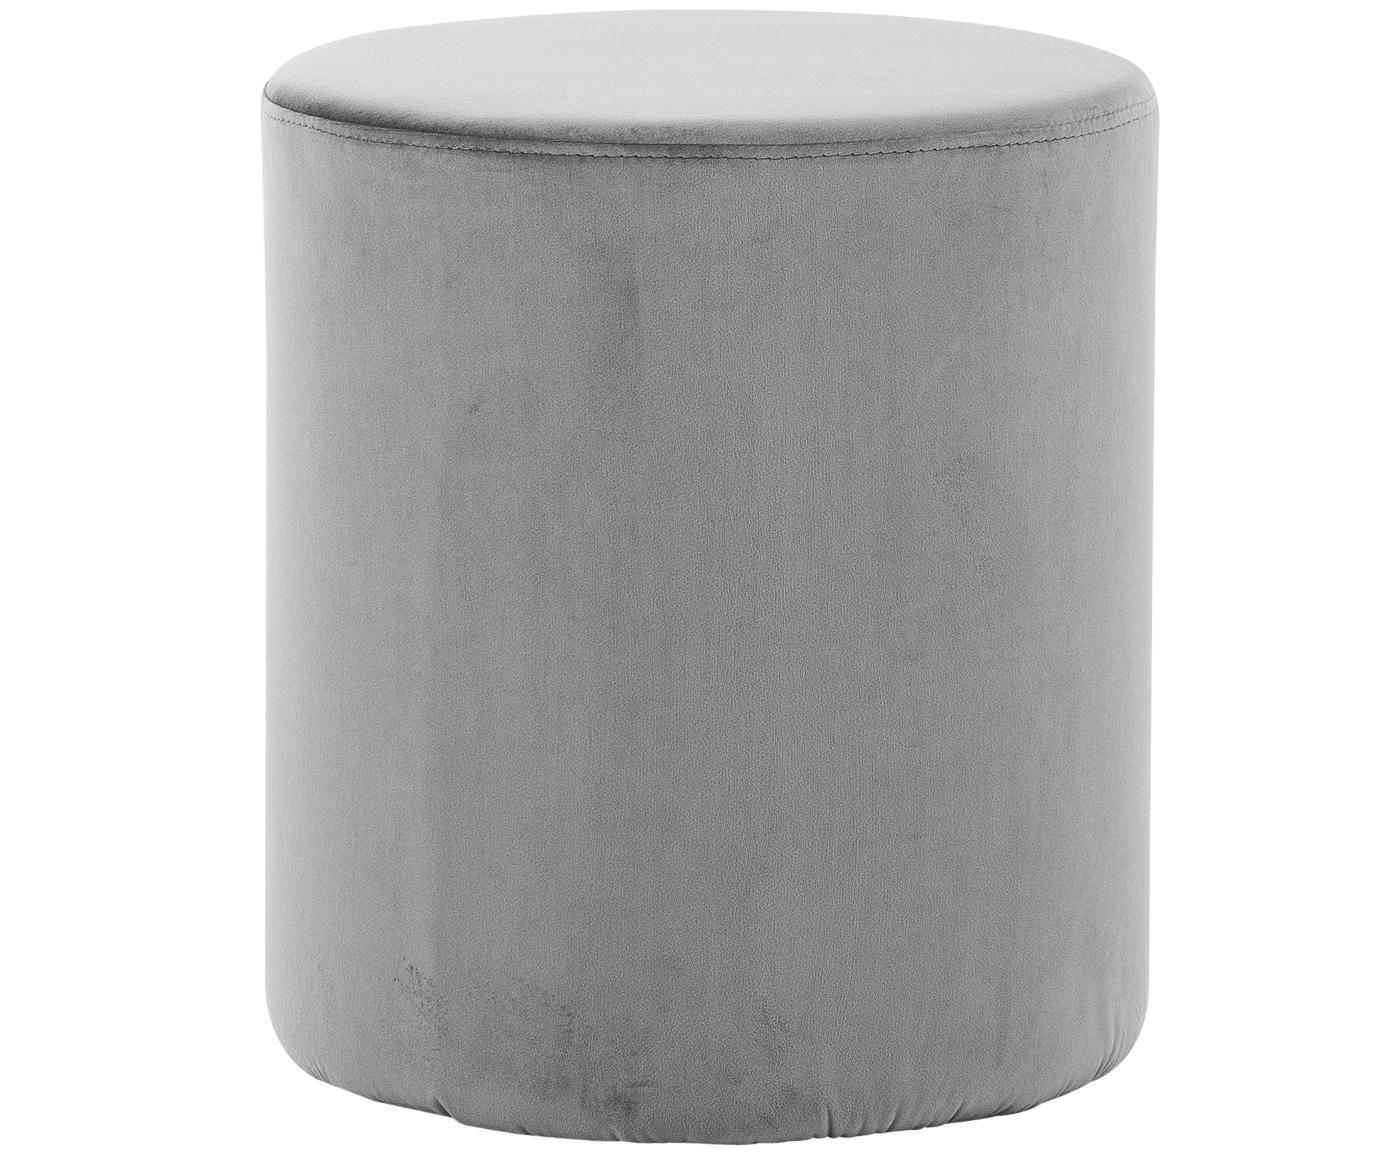 Pouf in velluto Daisy, Rivestimento: velluto (poliestere) 15.0, Struttura: pannello di fibra a media, Grigio, Ø 38 x Alt. 46 cm